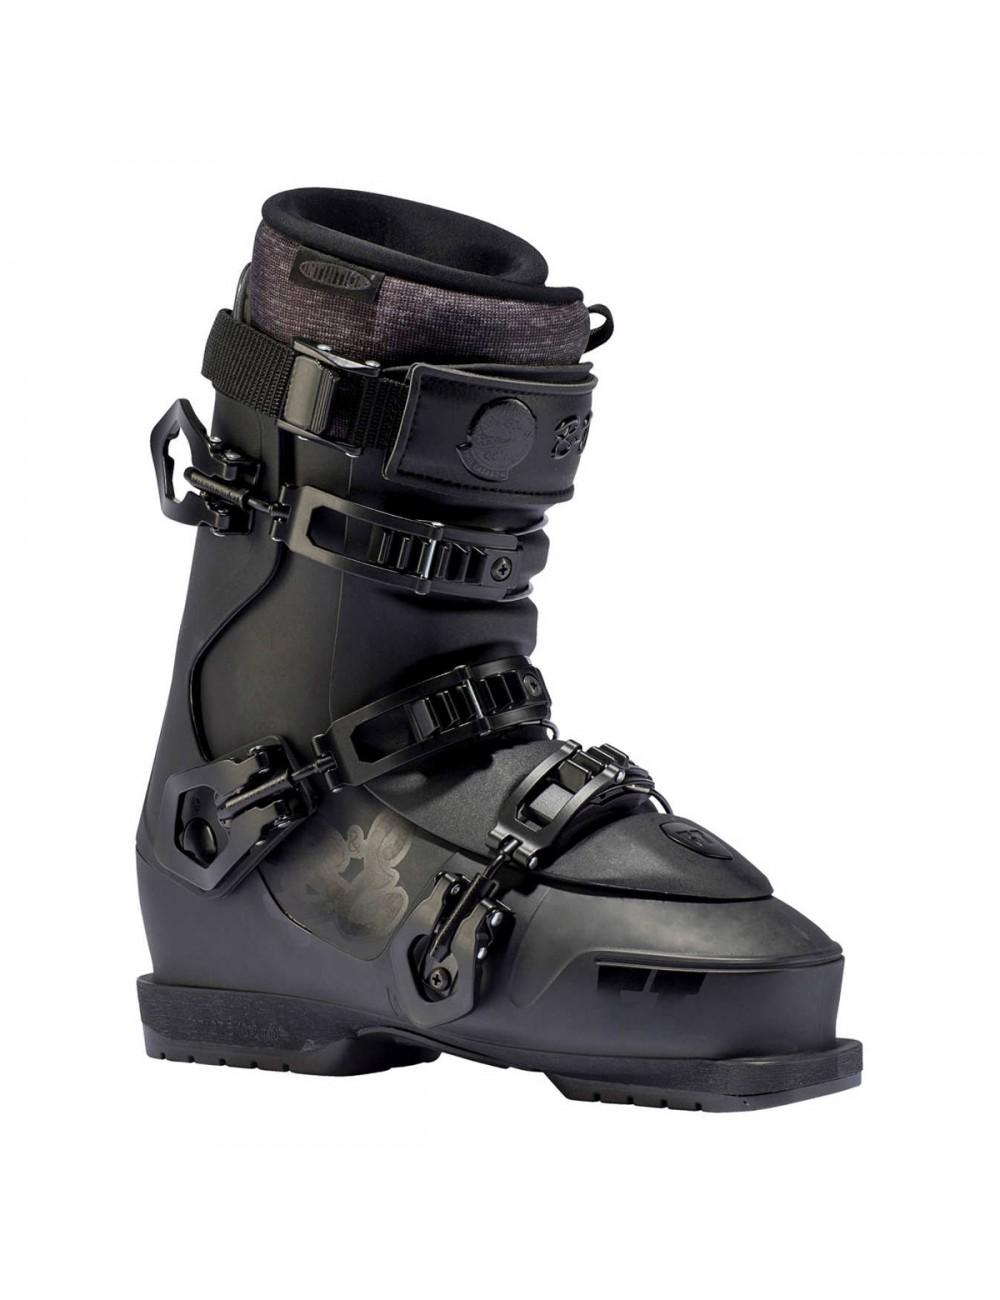 Full Tilt B&D LTD Boot - Black_12182